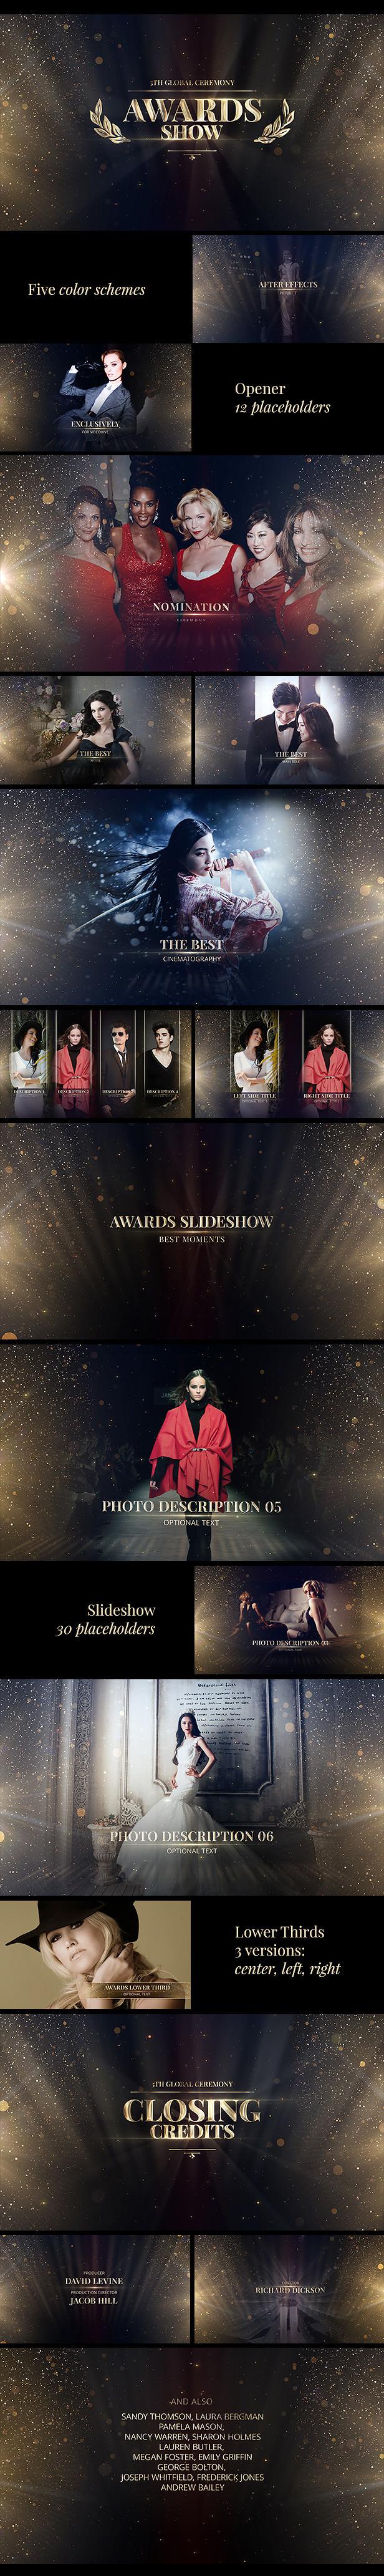 Awards - 17